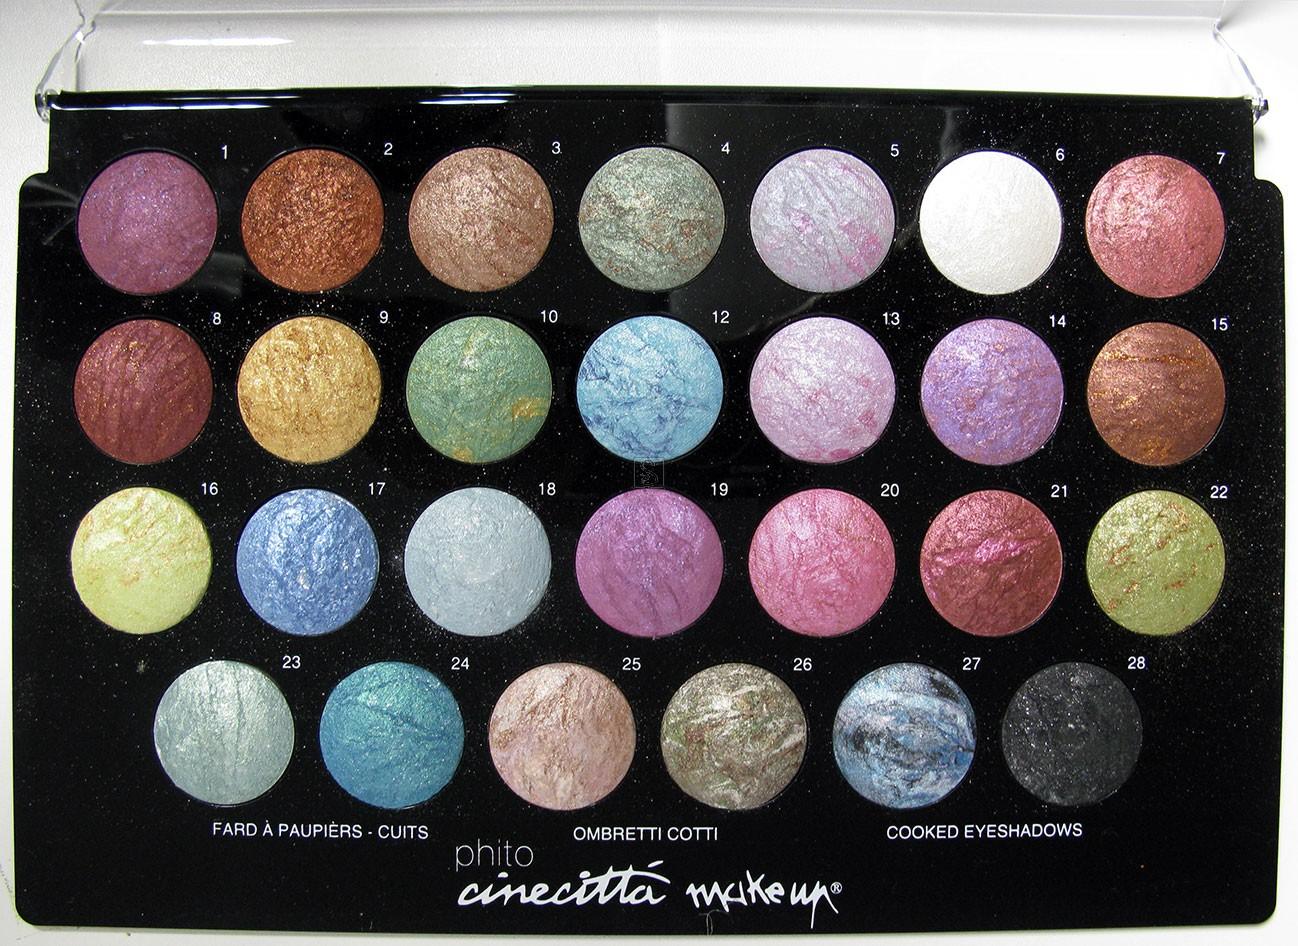 Tavolozza 27 ombretti compatti - Cinecittà make-up